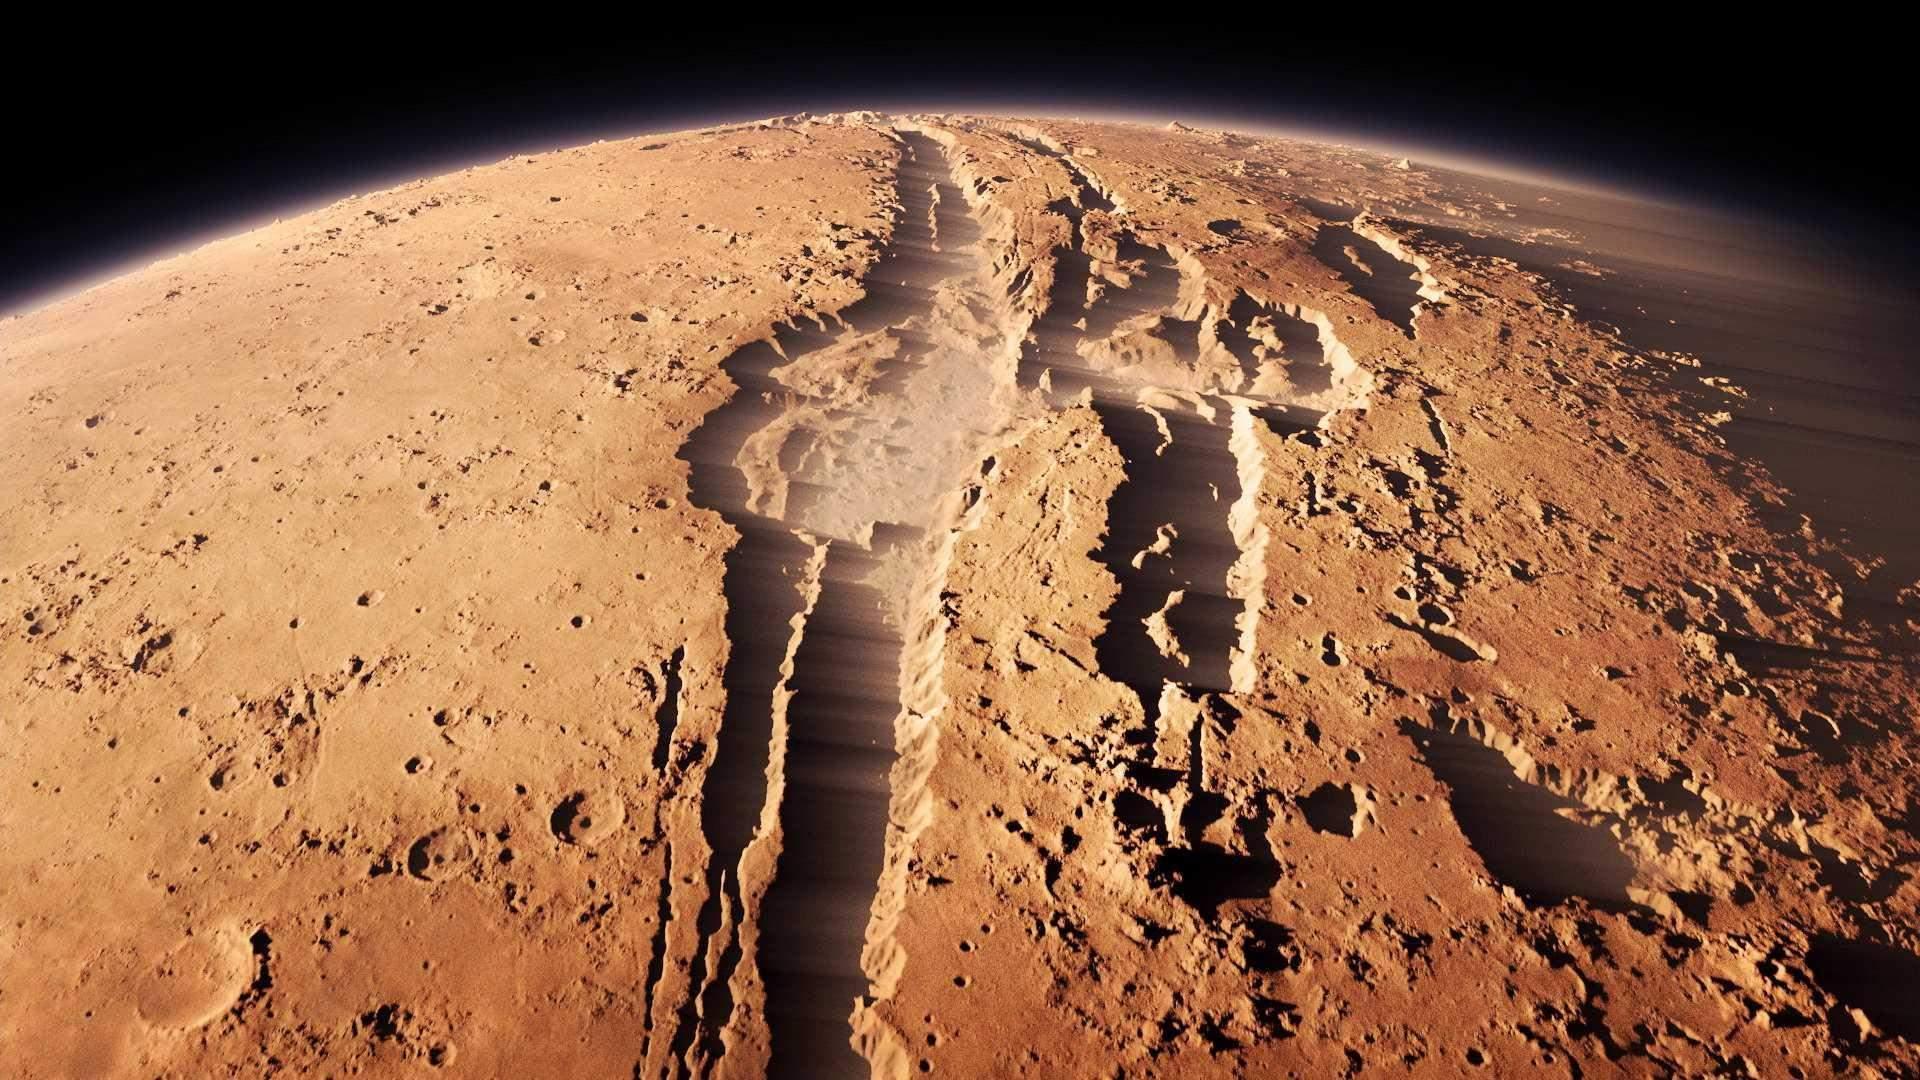 """Гилберт Левин, Ученый, NASA, Экс-сотрудник, 1976 год, Миссия """"Викинг"""", Внеземная жизнь, Эксперимент, Положительный результат, Повтор, Биосигнатуры"""